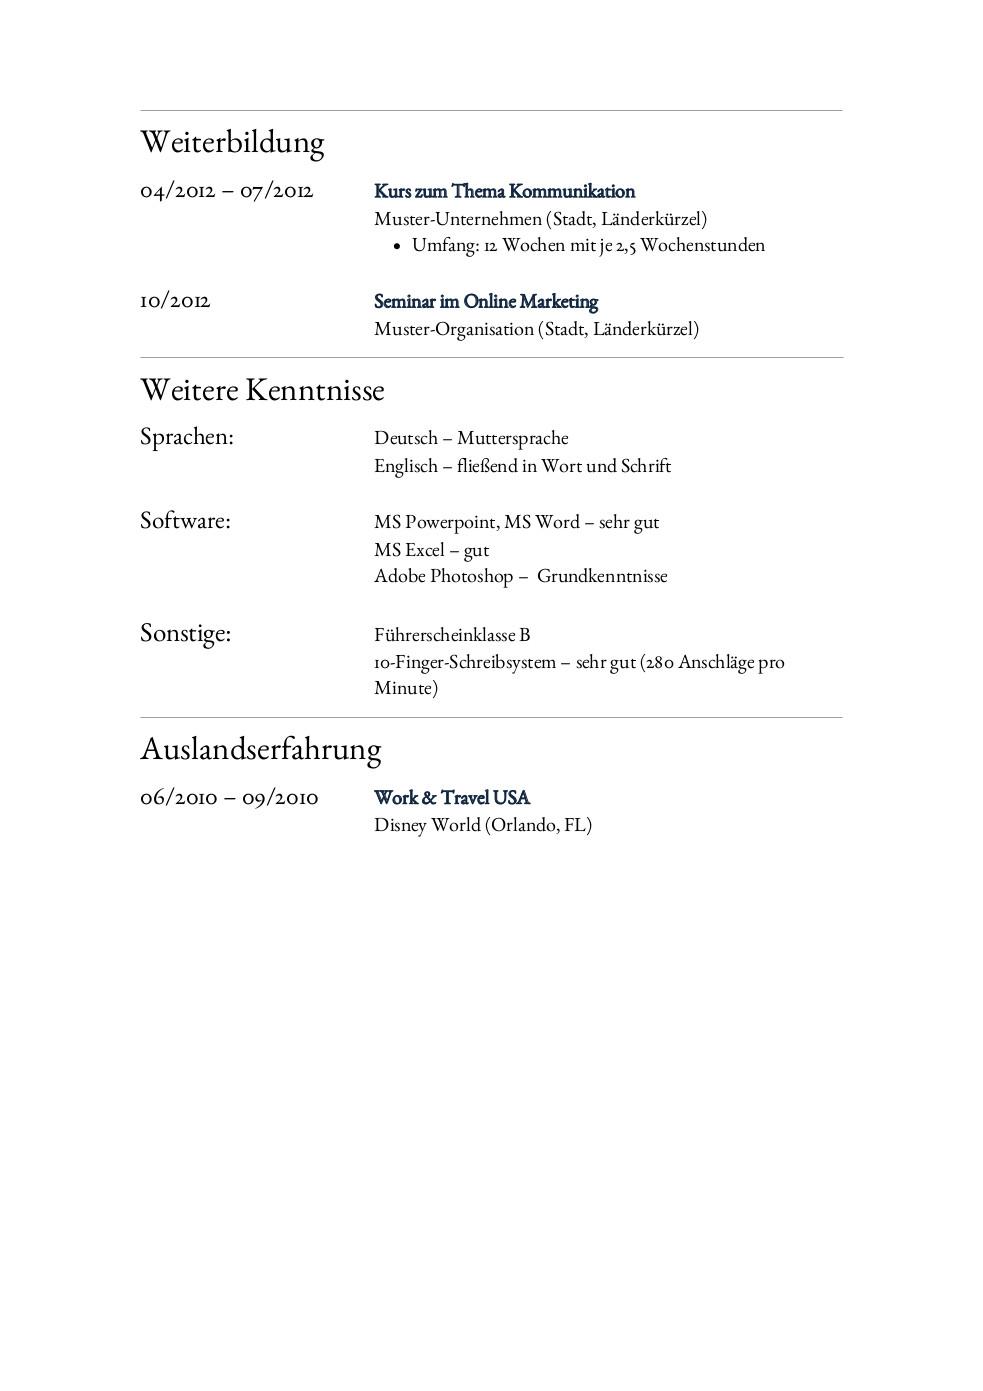 Lebenslauf Anwaltsgehilfe. Anschreiben Anwaltsgehilfe Deckblatt  Anwaltsgehilfe